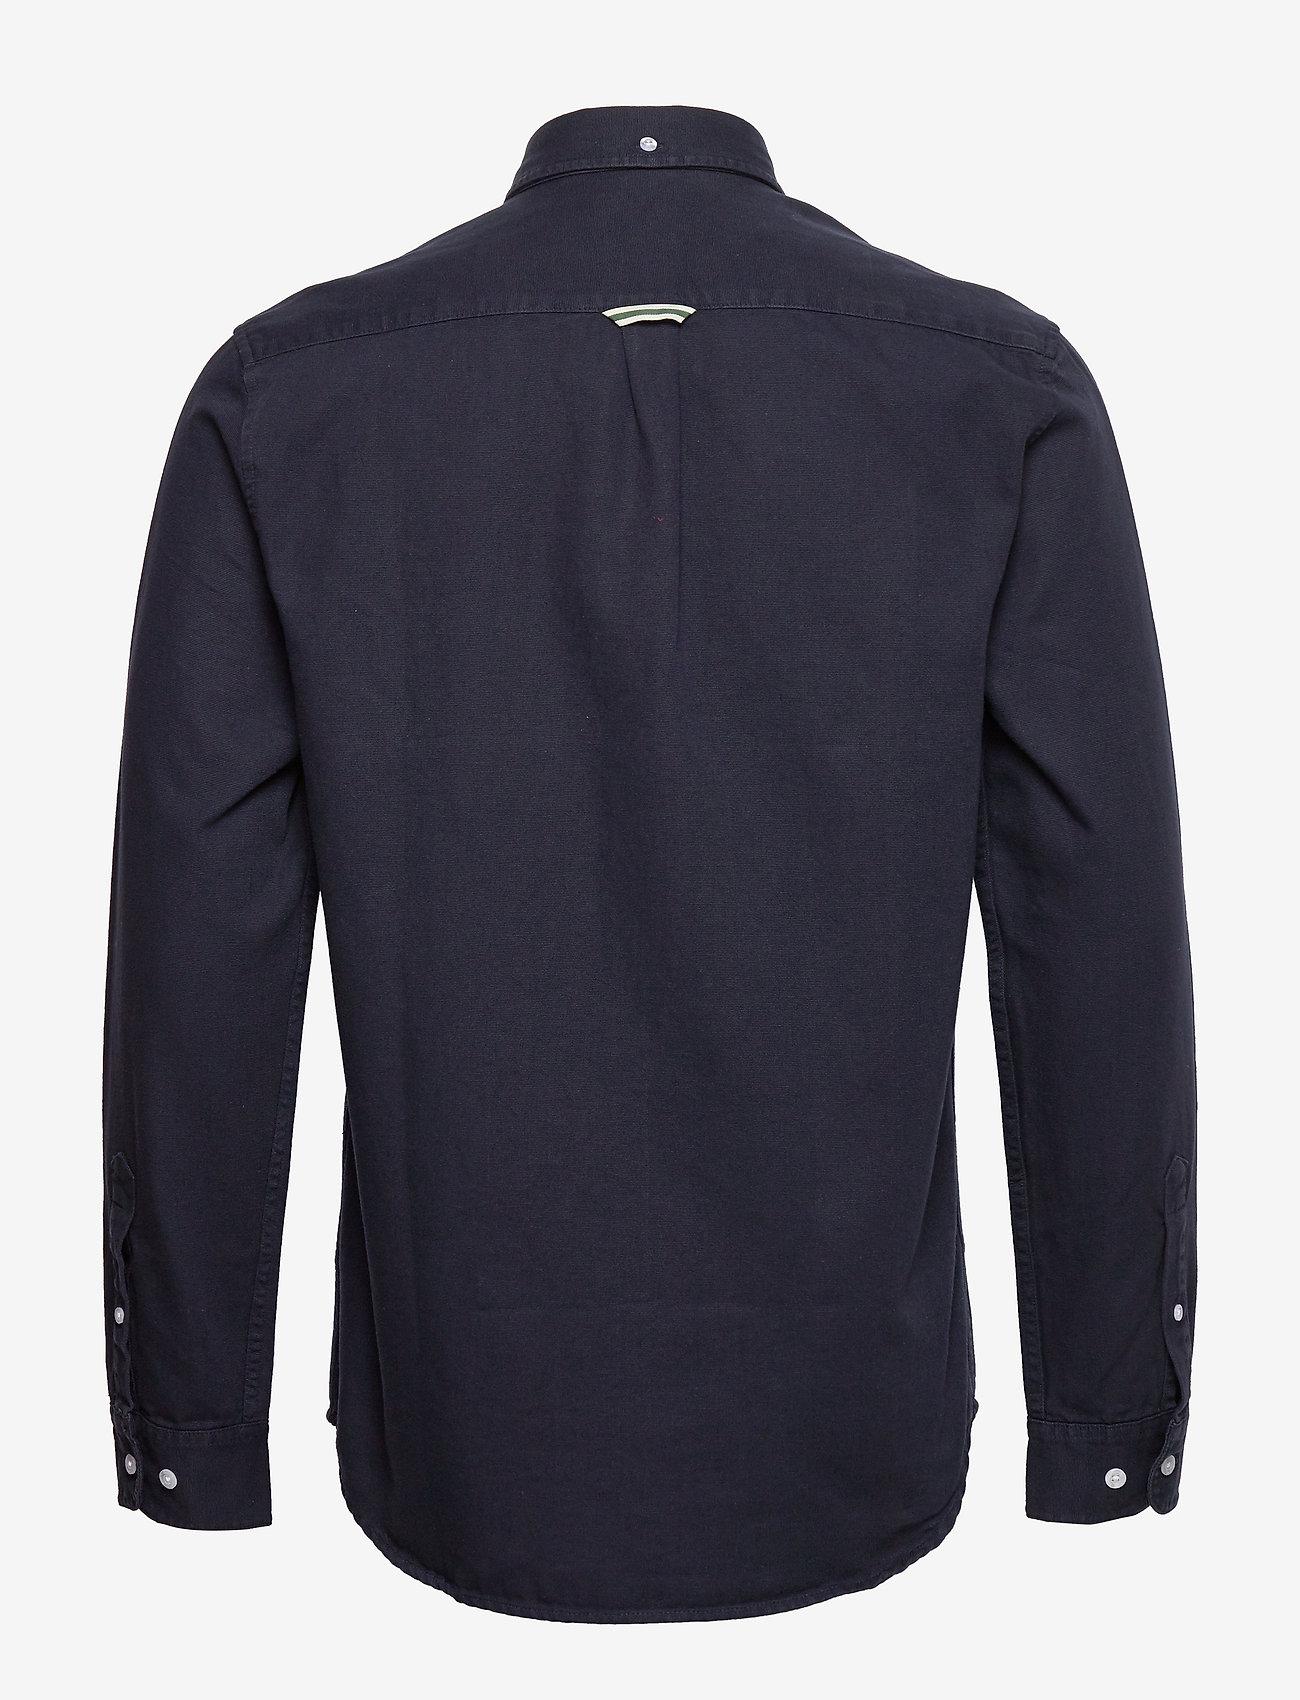 Forét - BEAR SHIRT - overshirts - midnight blue - 1